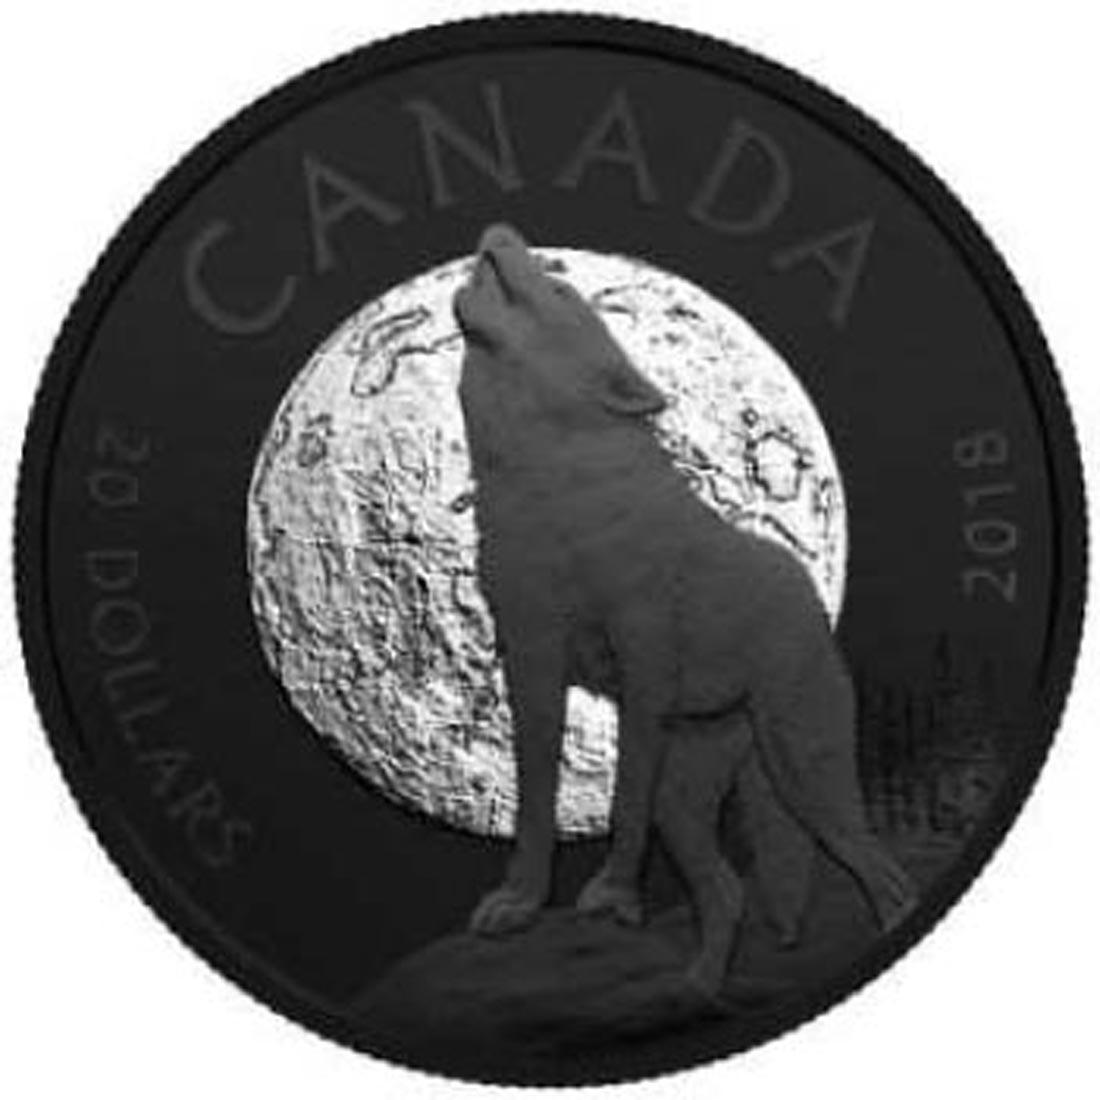 Kanada : 20 Dollar Nachttiere - Der heulende Wolf mit Rhodiumauflage  2018 PP